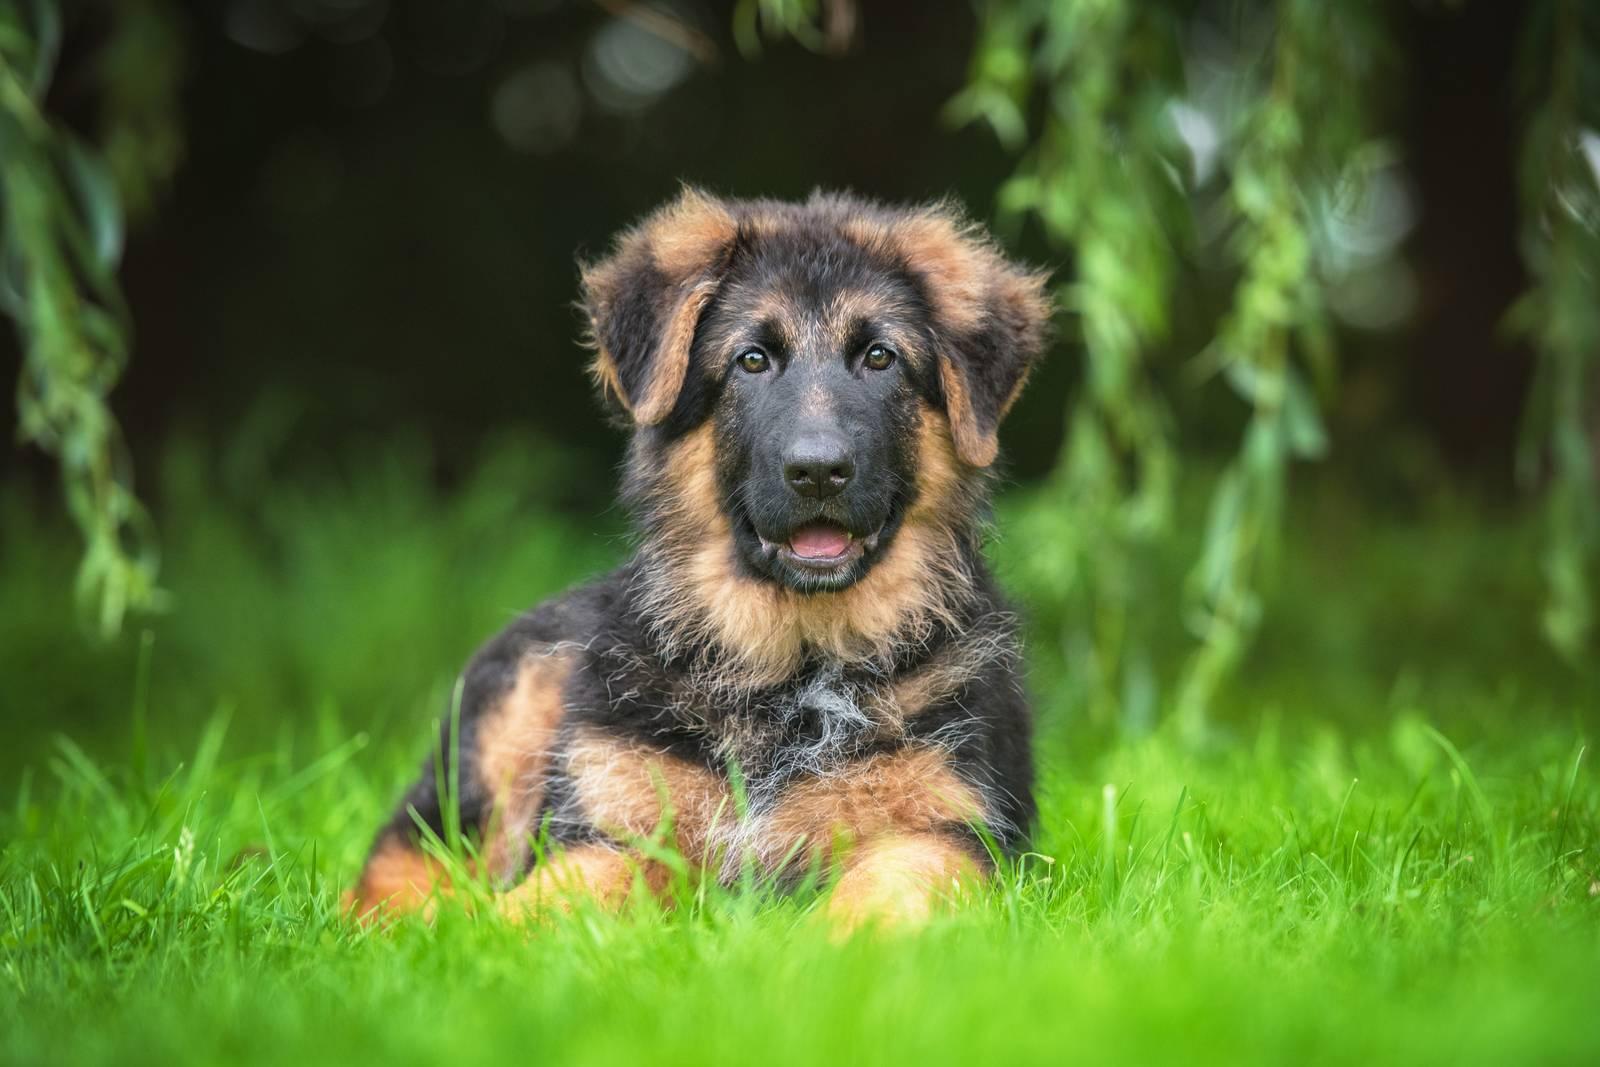 удаление клеща у собаки цена